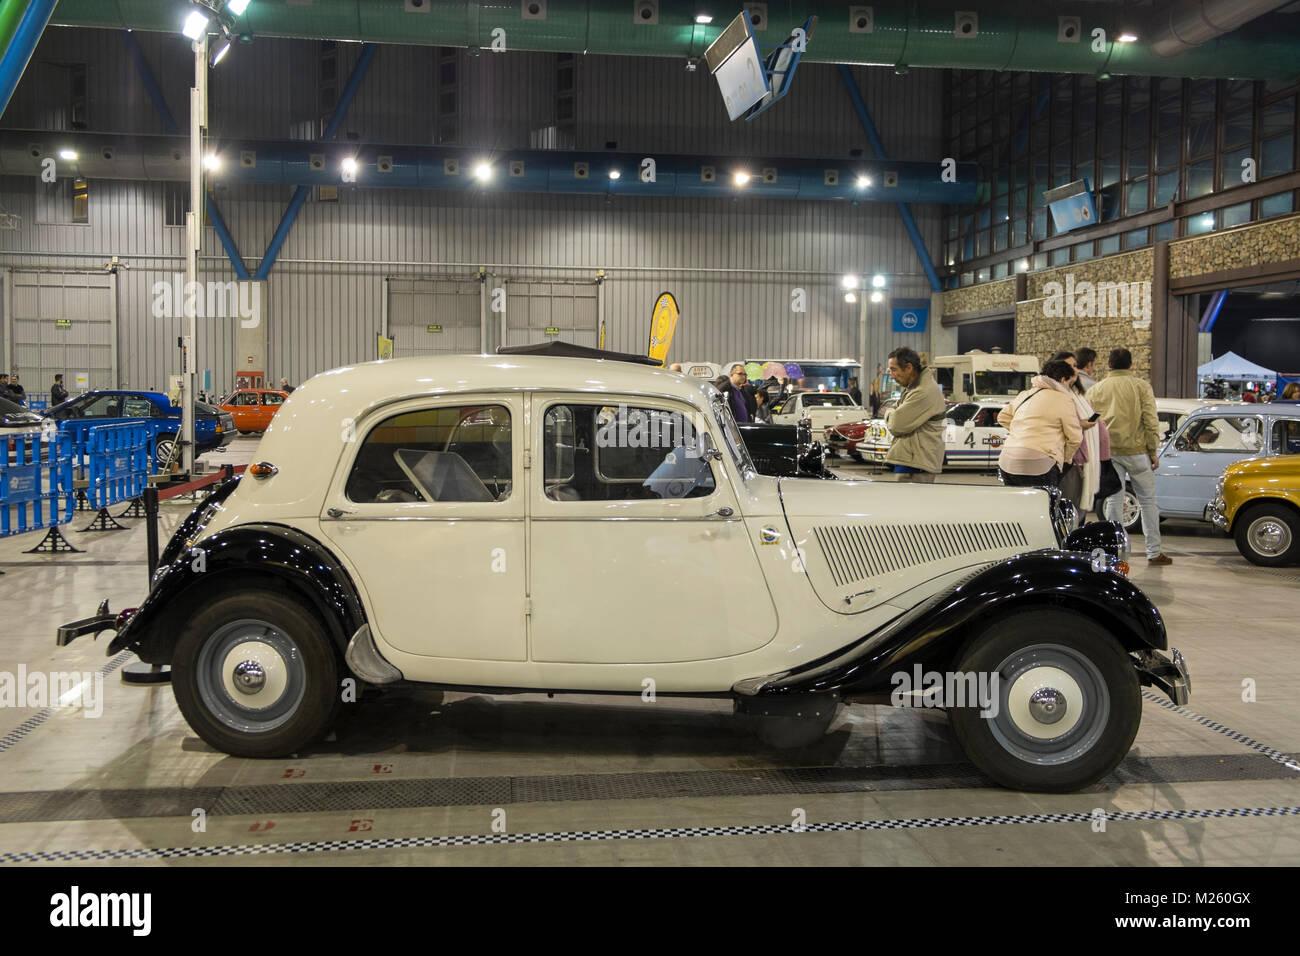 Citroën Traction Avant. Retro Málaga 2018. - Stock Image